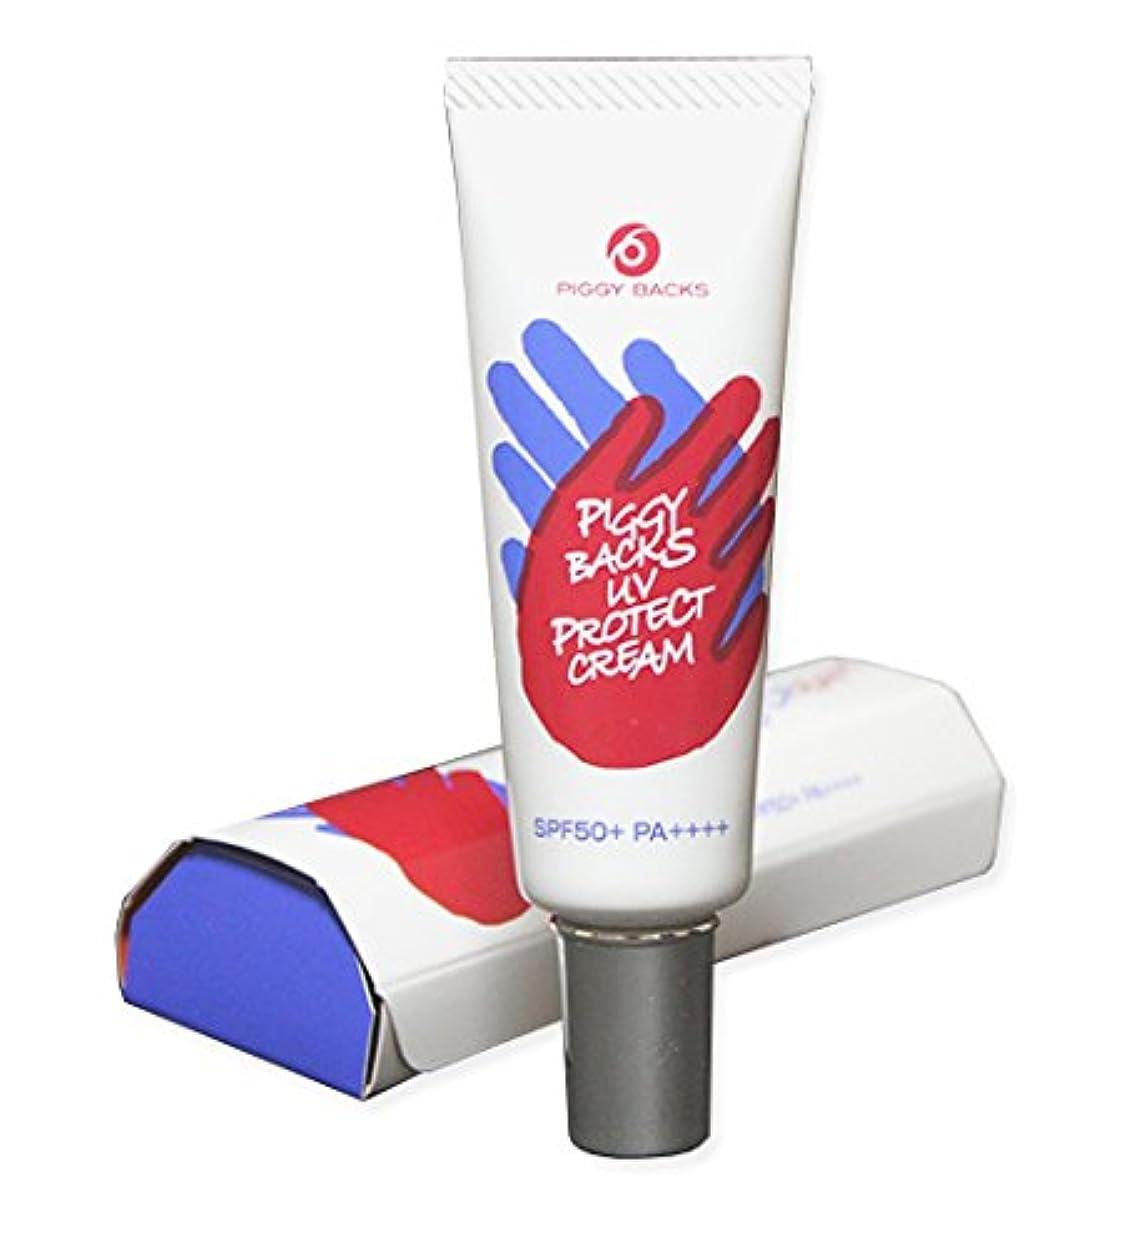 虚弱ペッカディロりんごピギーバックス UVプロテクトクリーム【SPF50+、PA++++】国内最高紫外線防御力なのにノンケミカルを実現!塗り直しがいらない日焼け止めクリーム